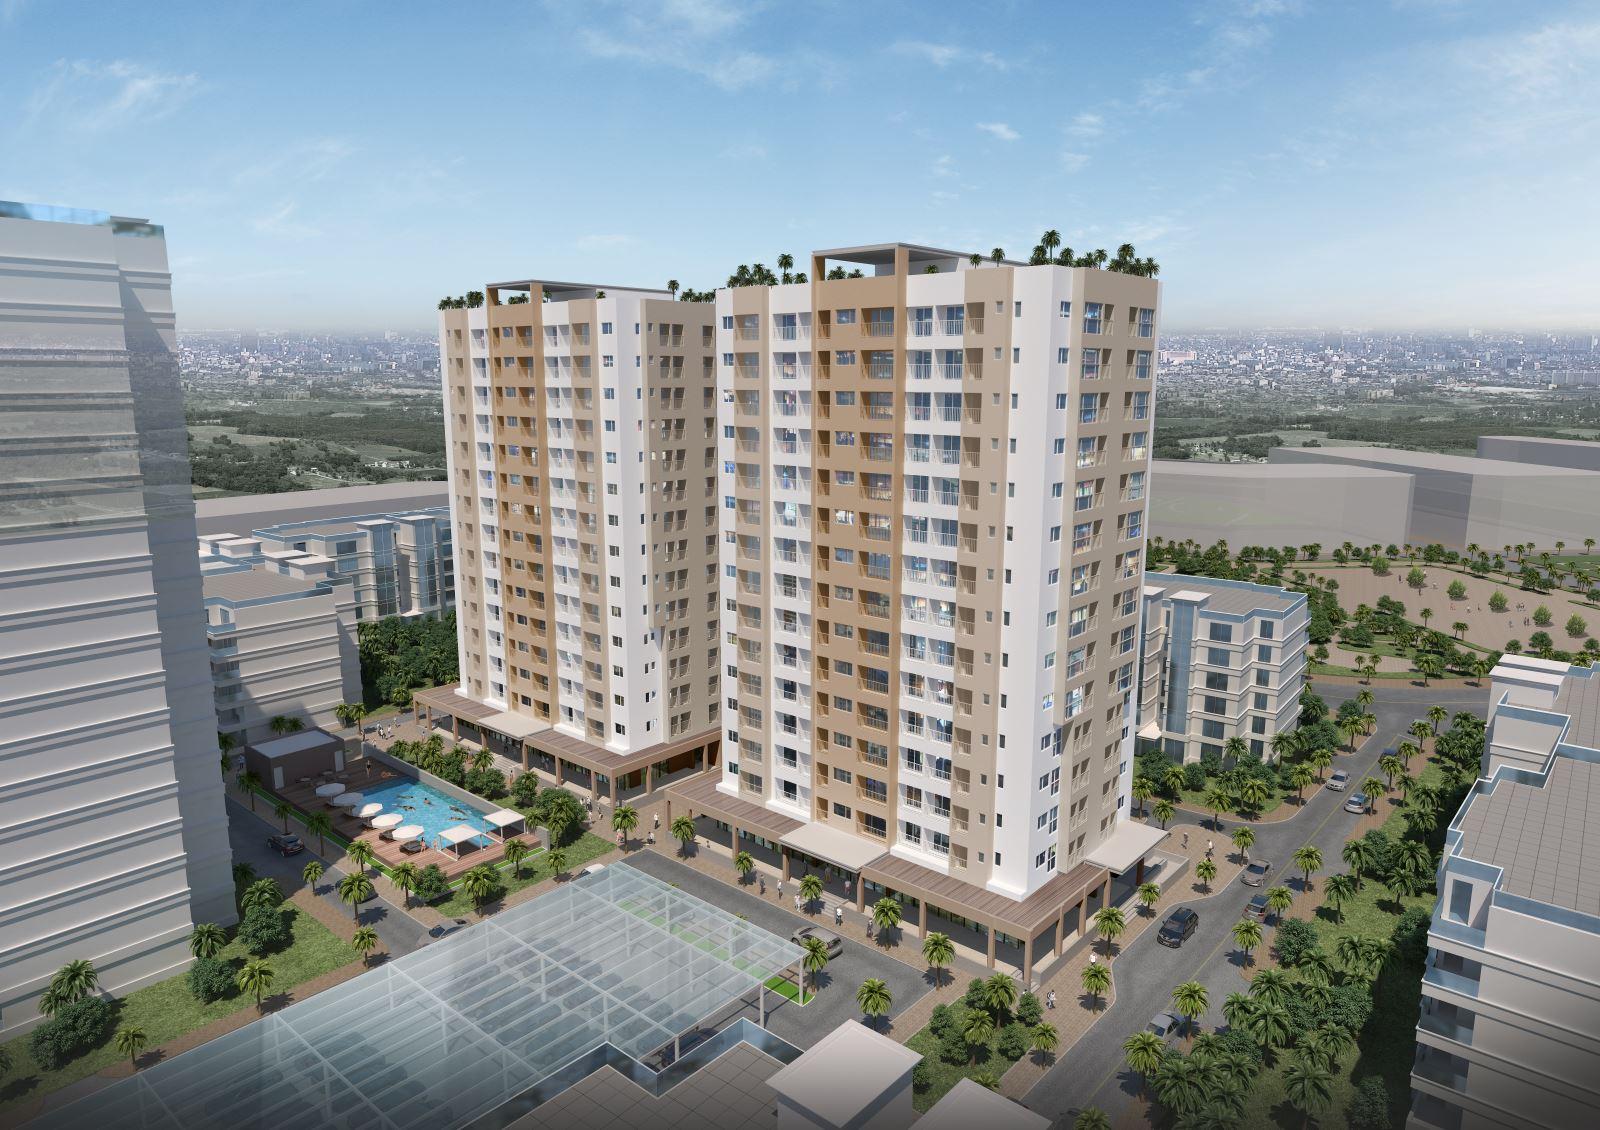 Chung cư căn hộ tại dự án khu dân cư An Sương